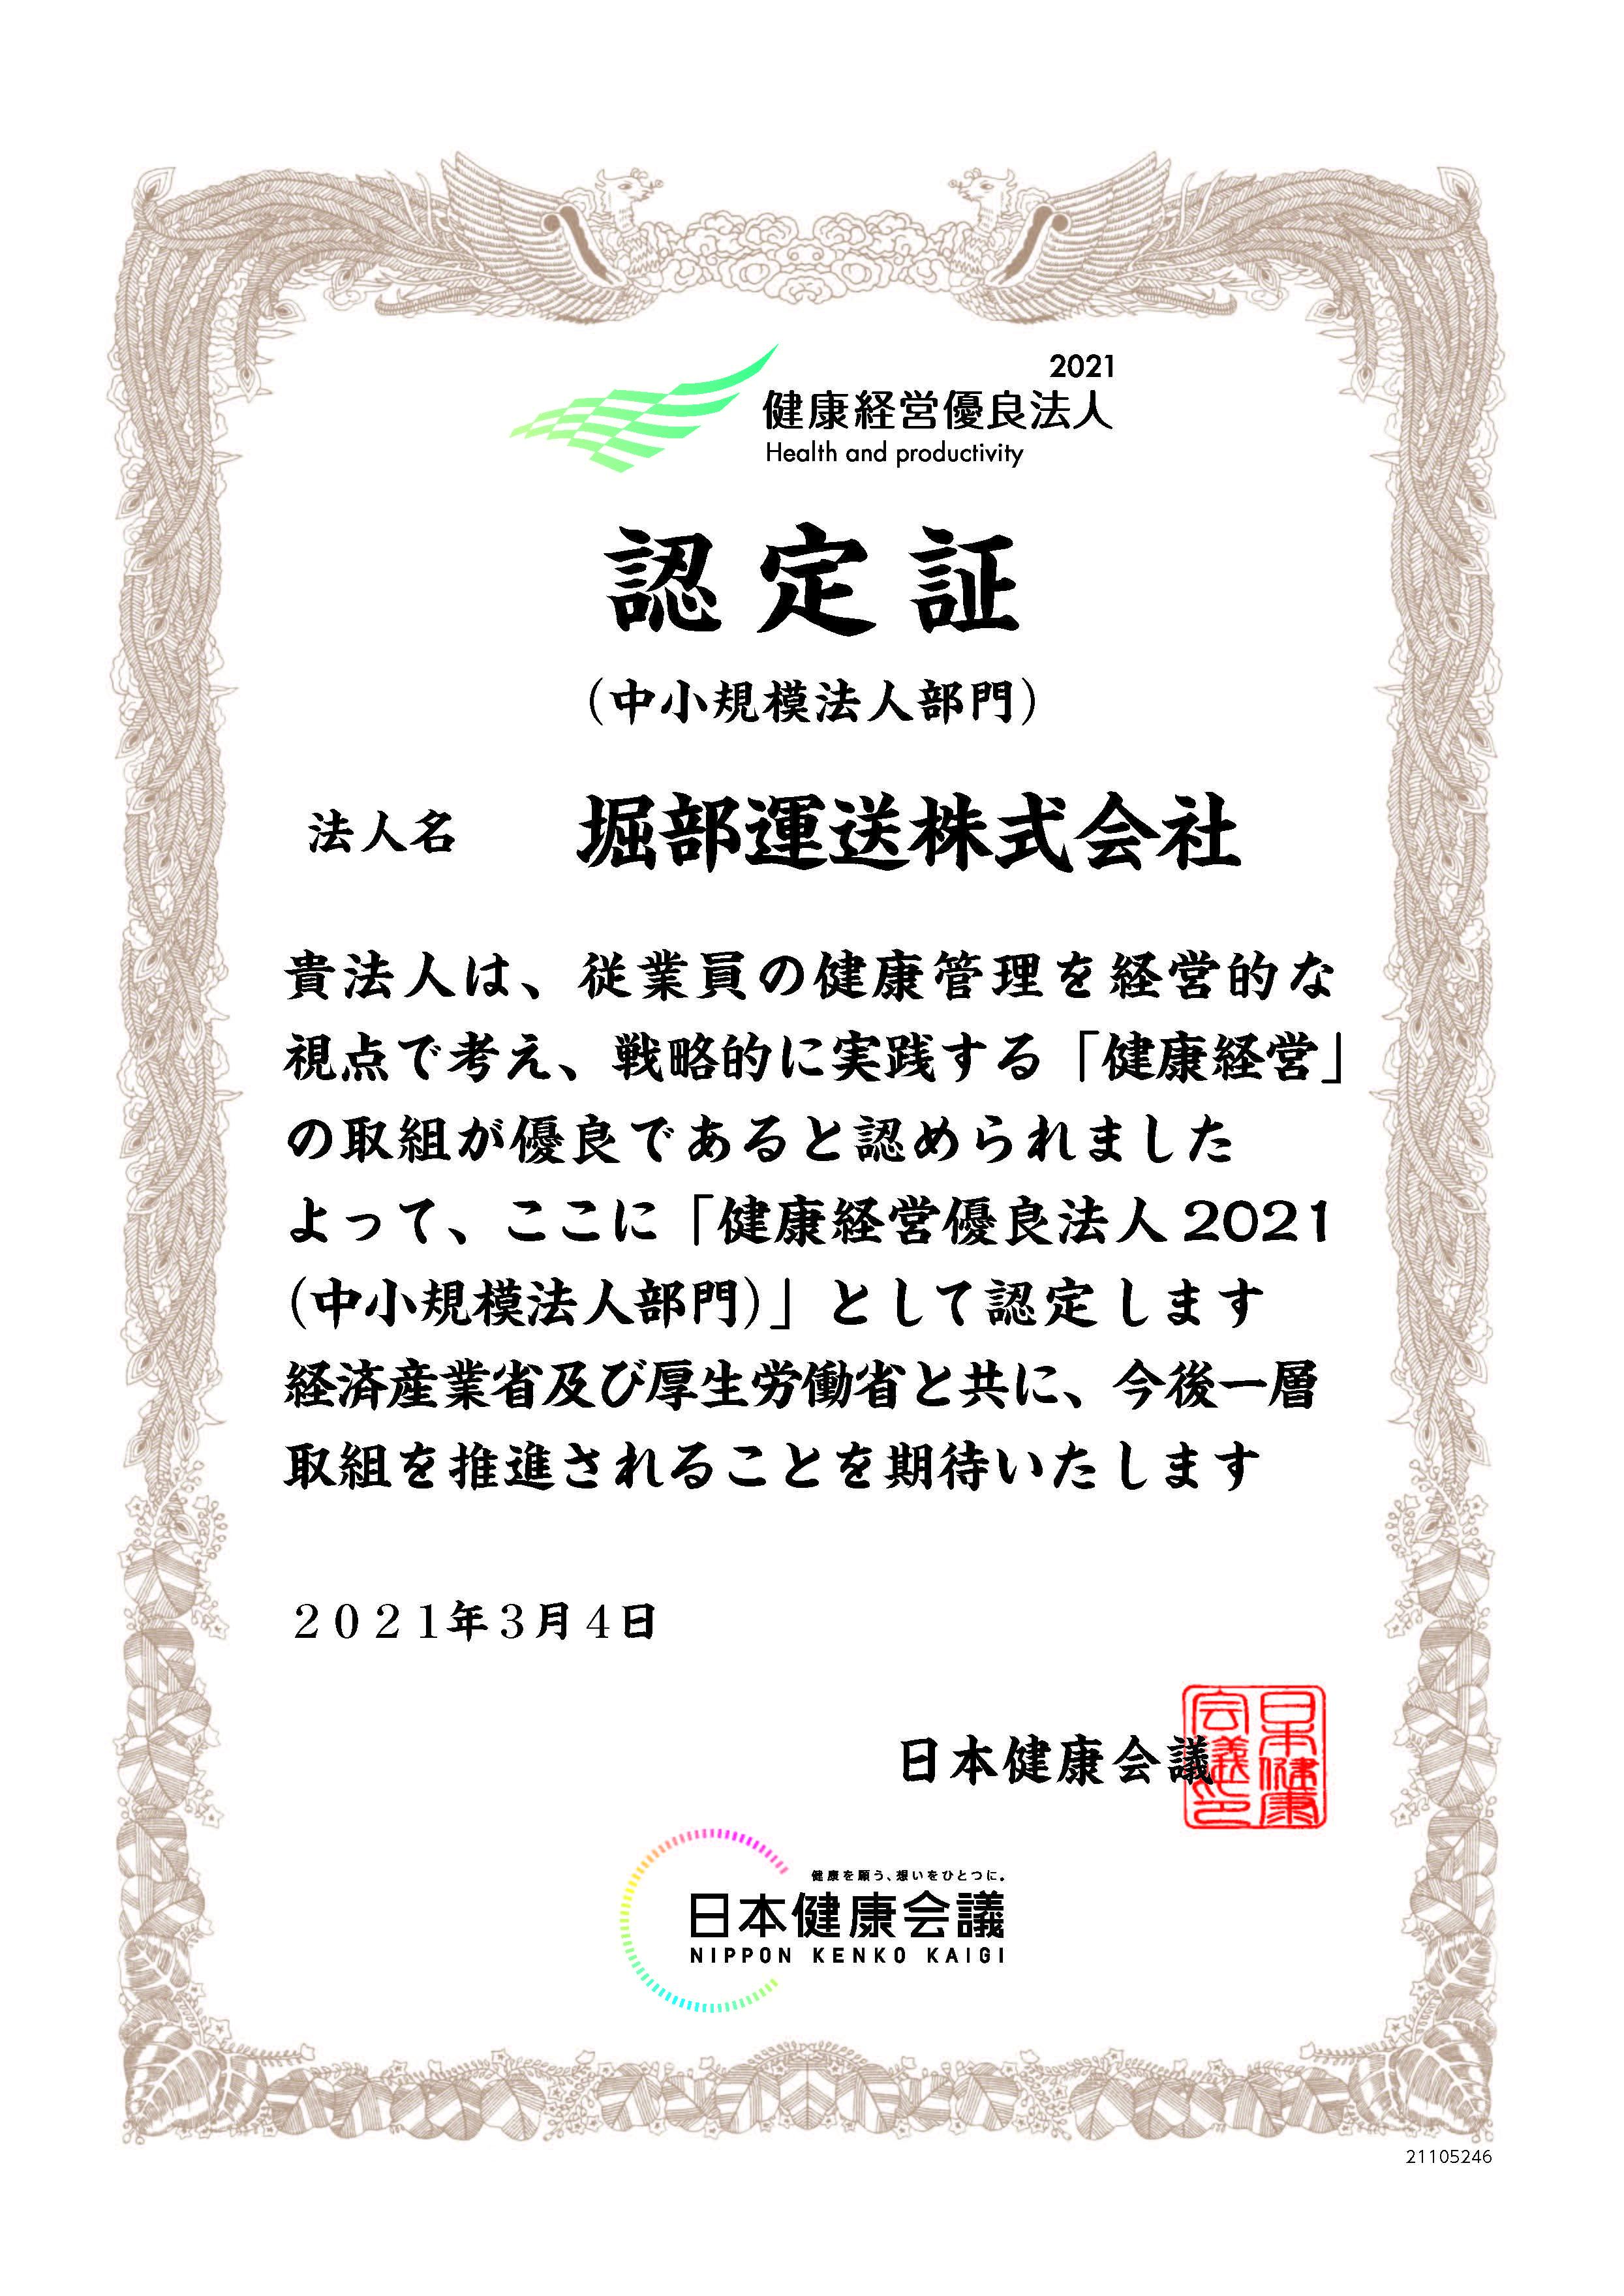 健康経営優良法人2021(中小企業法人部門)認定証